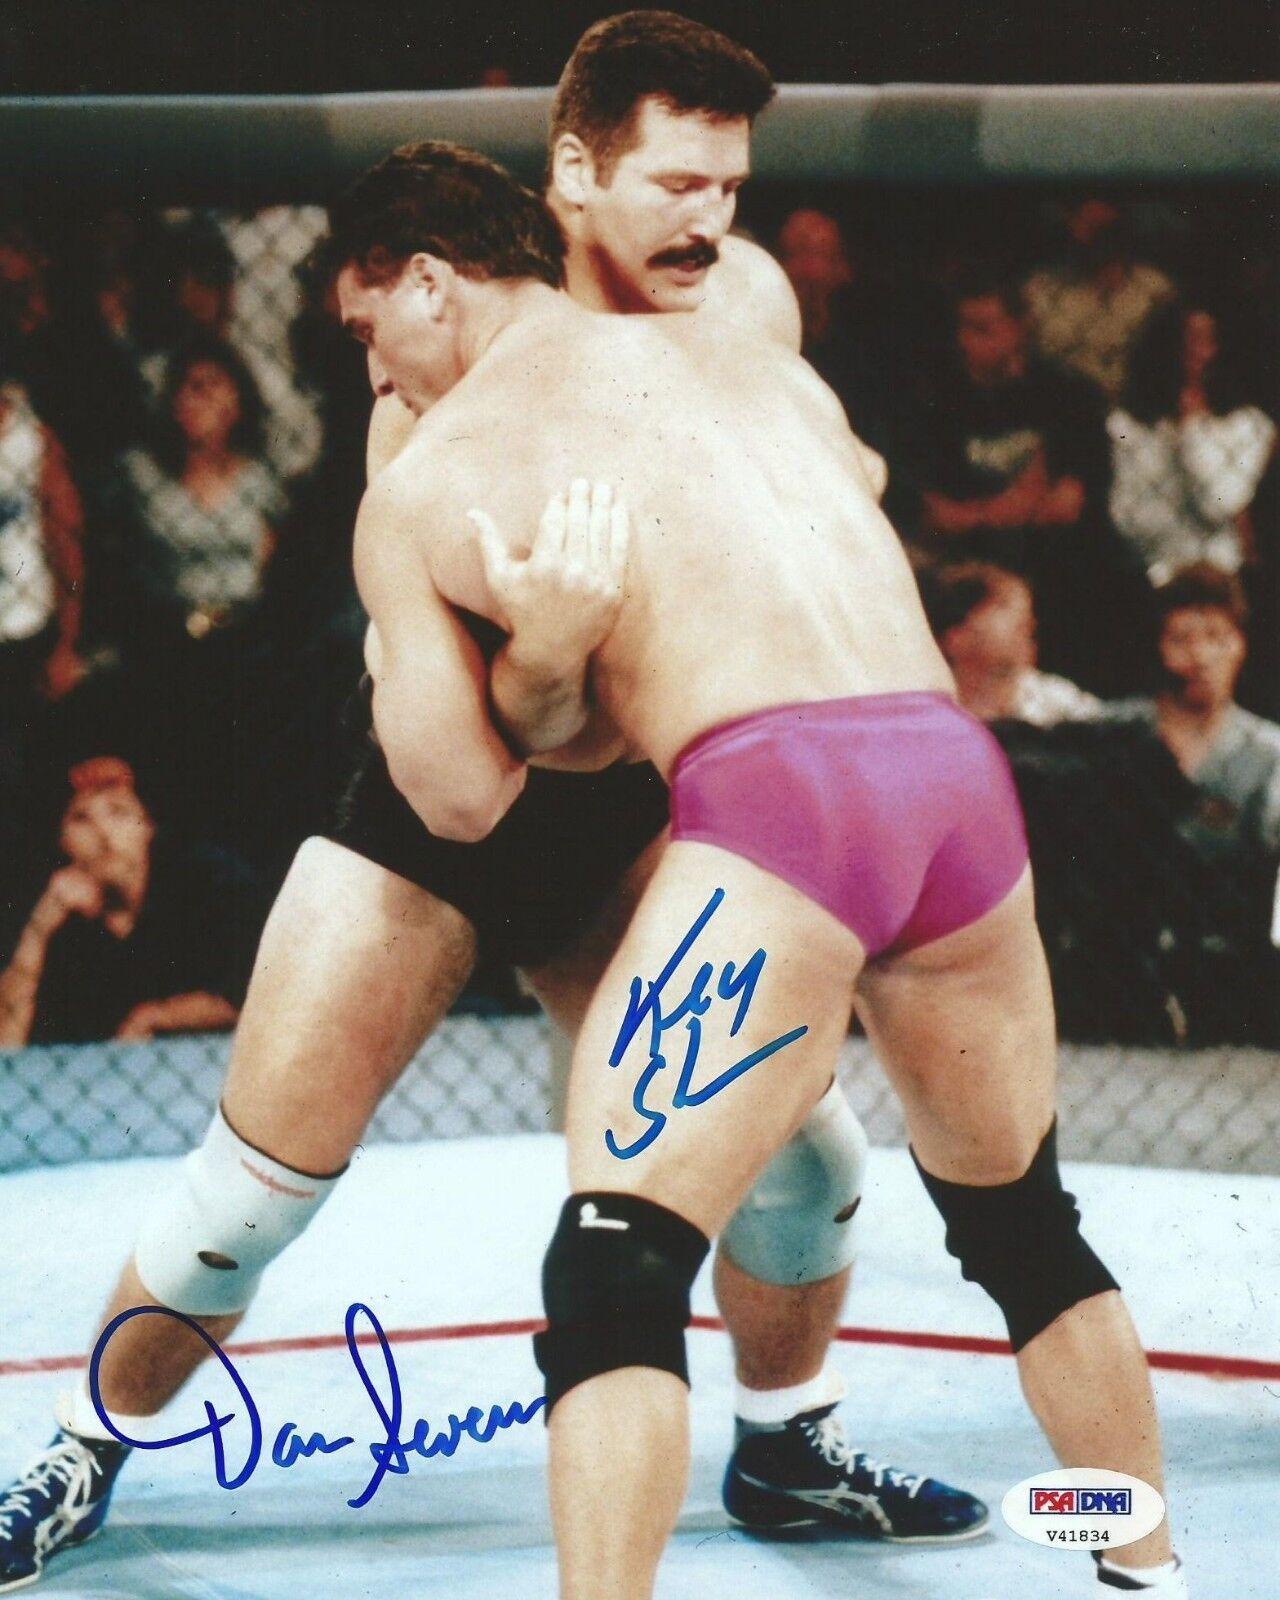 Ken Trèfle & Dan Severn Signé UFC 8x10 Photo PSA   DNA COA Autographe 9 Image